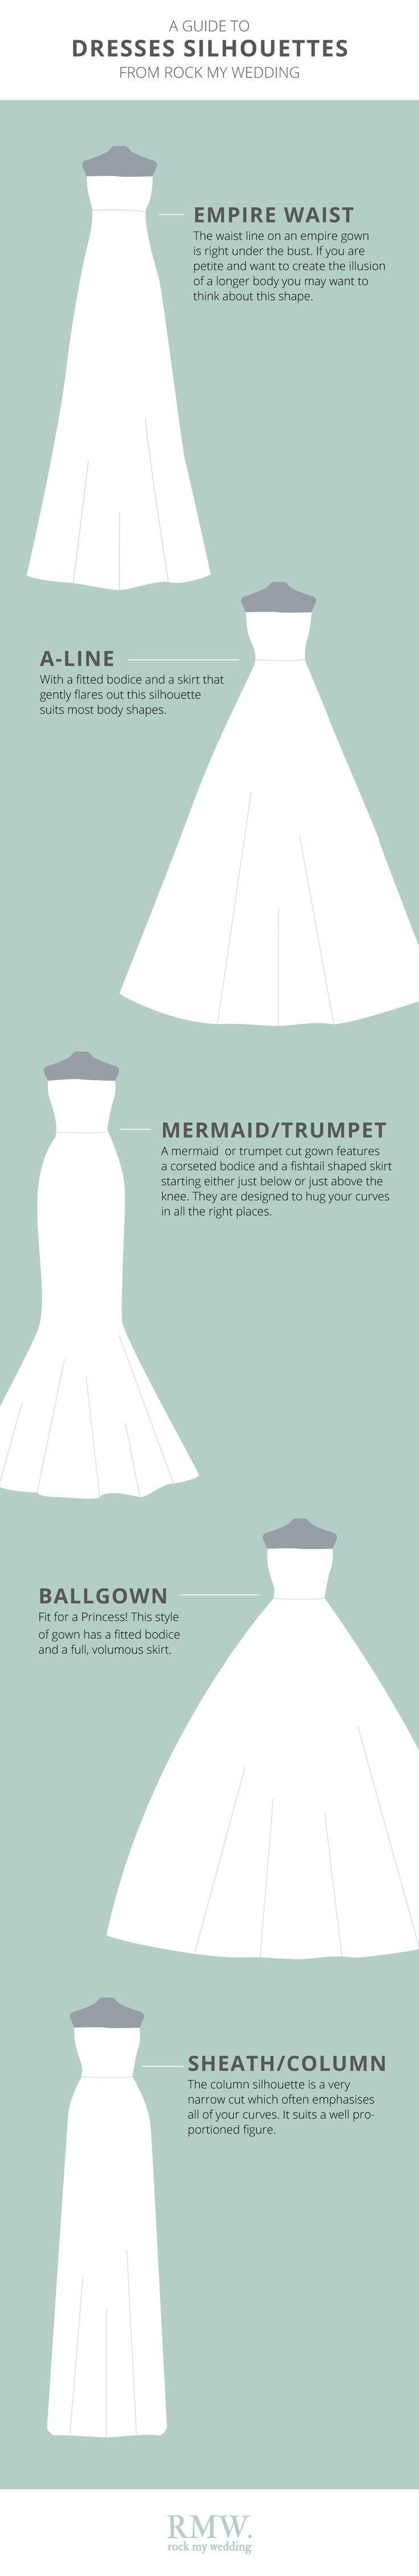 best 25 wedding dress types ideas on pinterest wedding dress